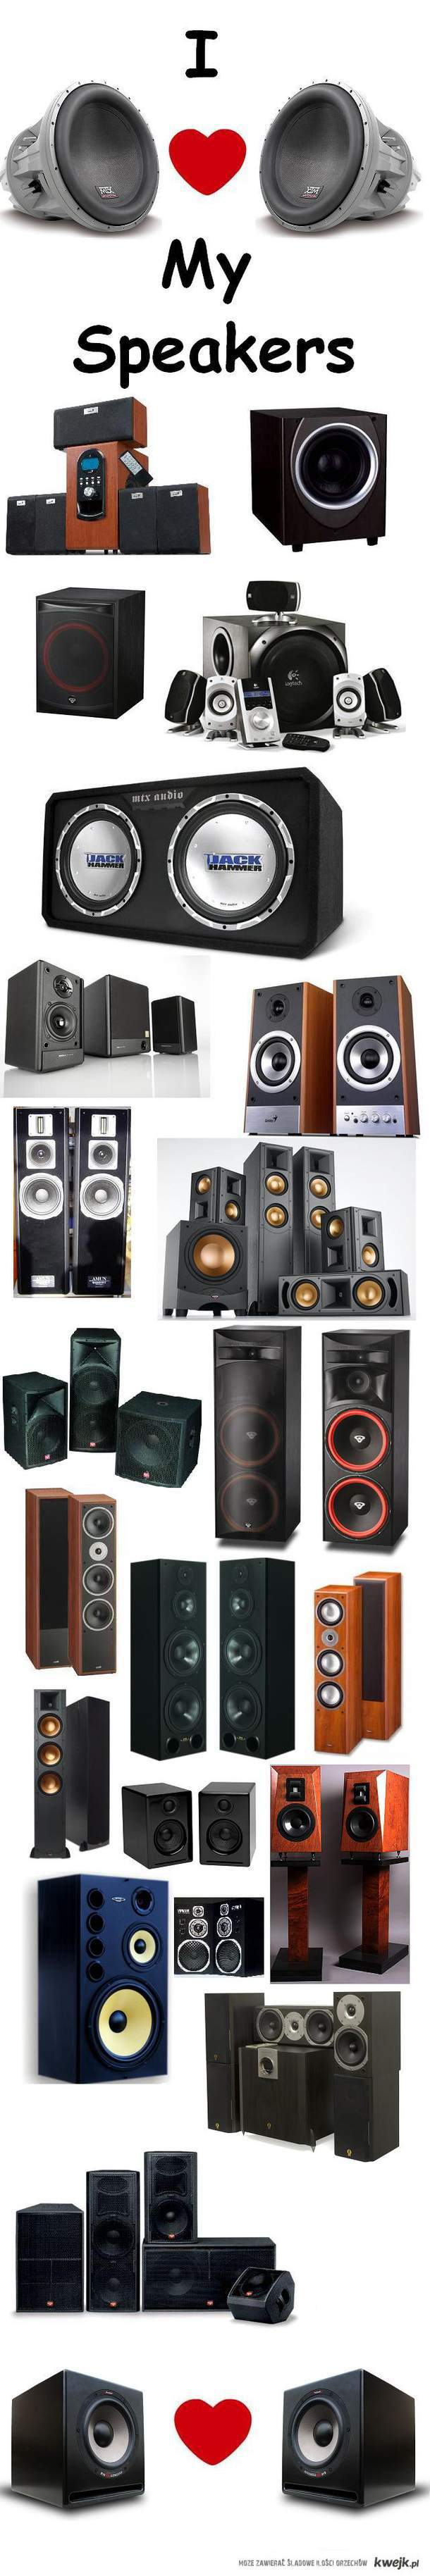 I Love My Speakers